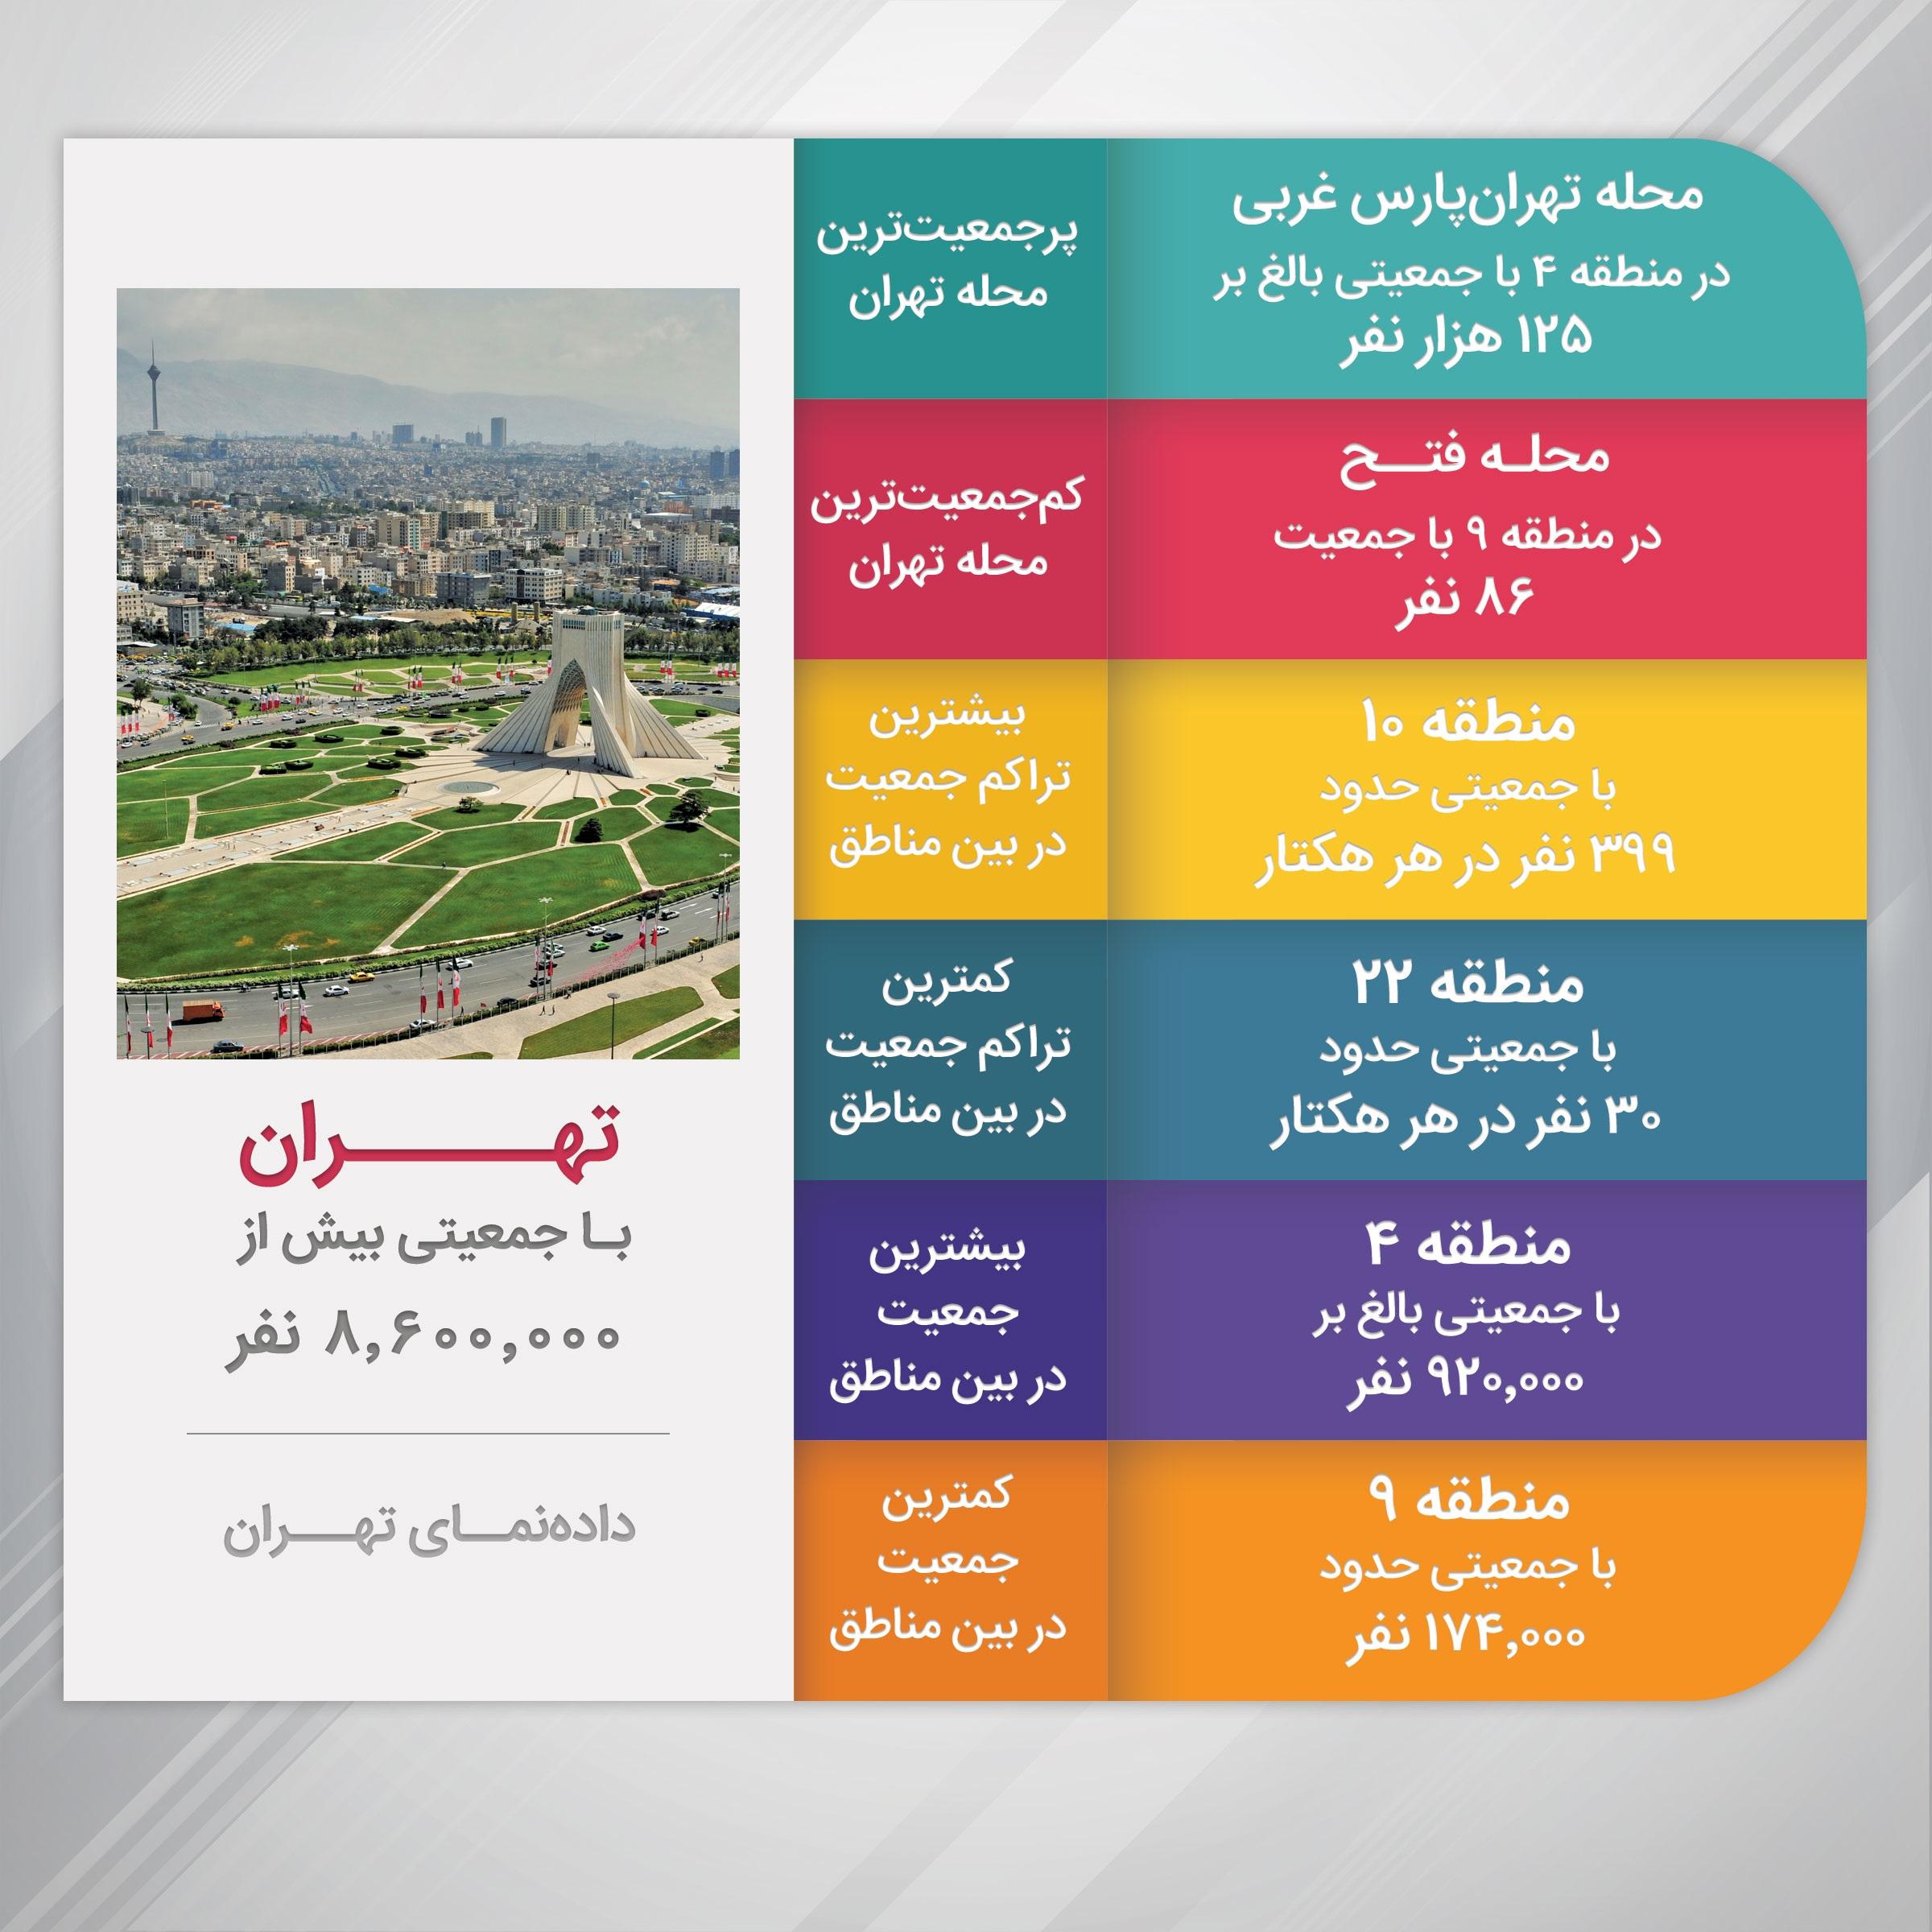 پر جمعیت ترین و کم جمعیت ترین محله تهران را بشناسید + اینفوگرافیک